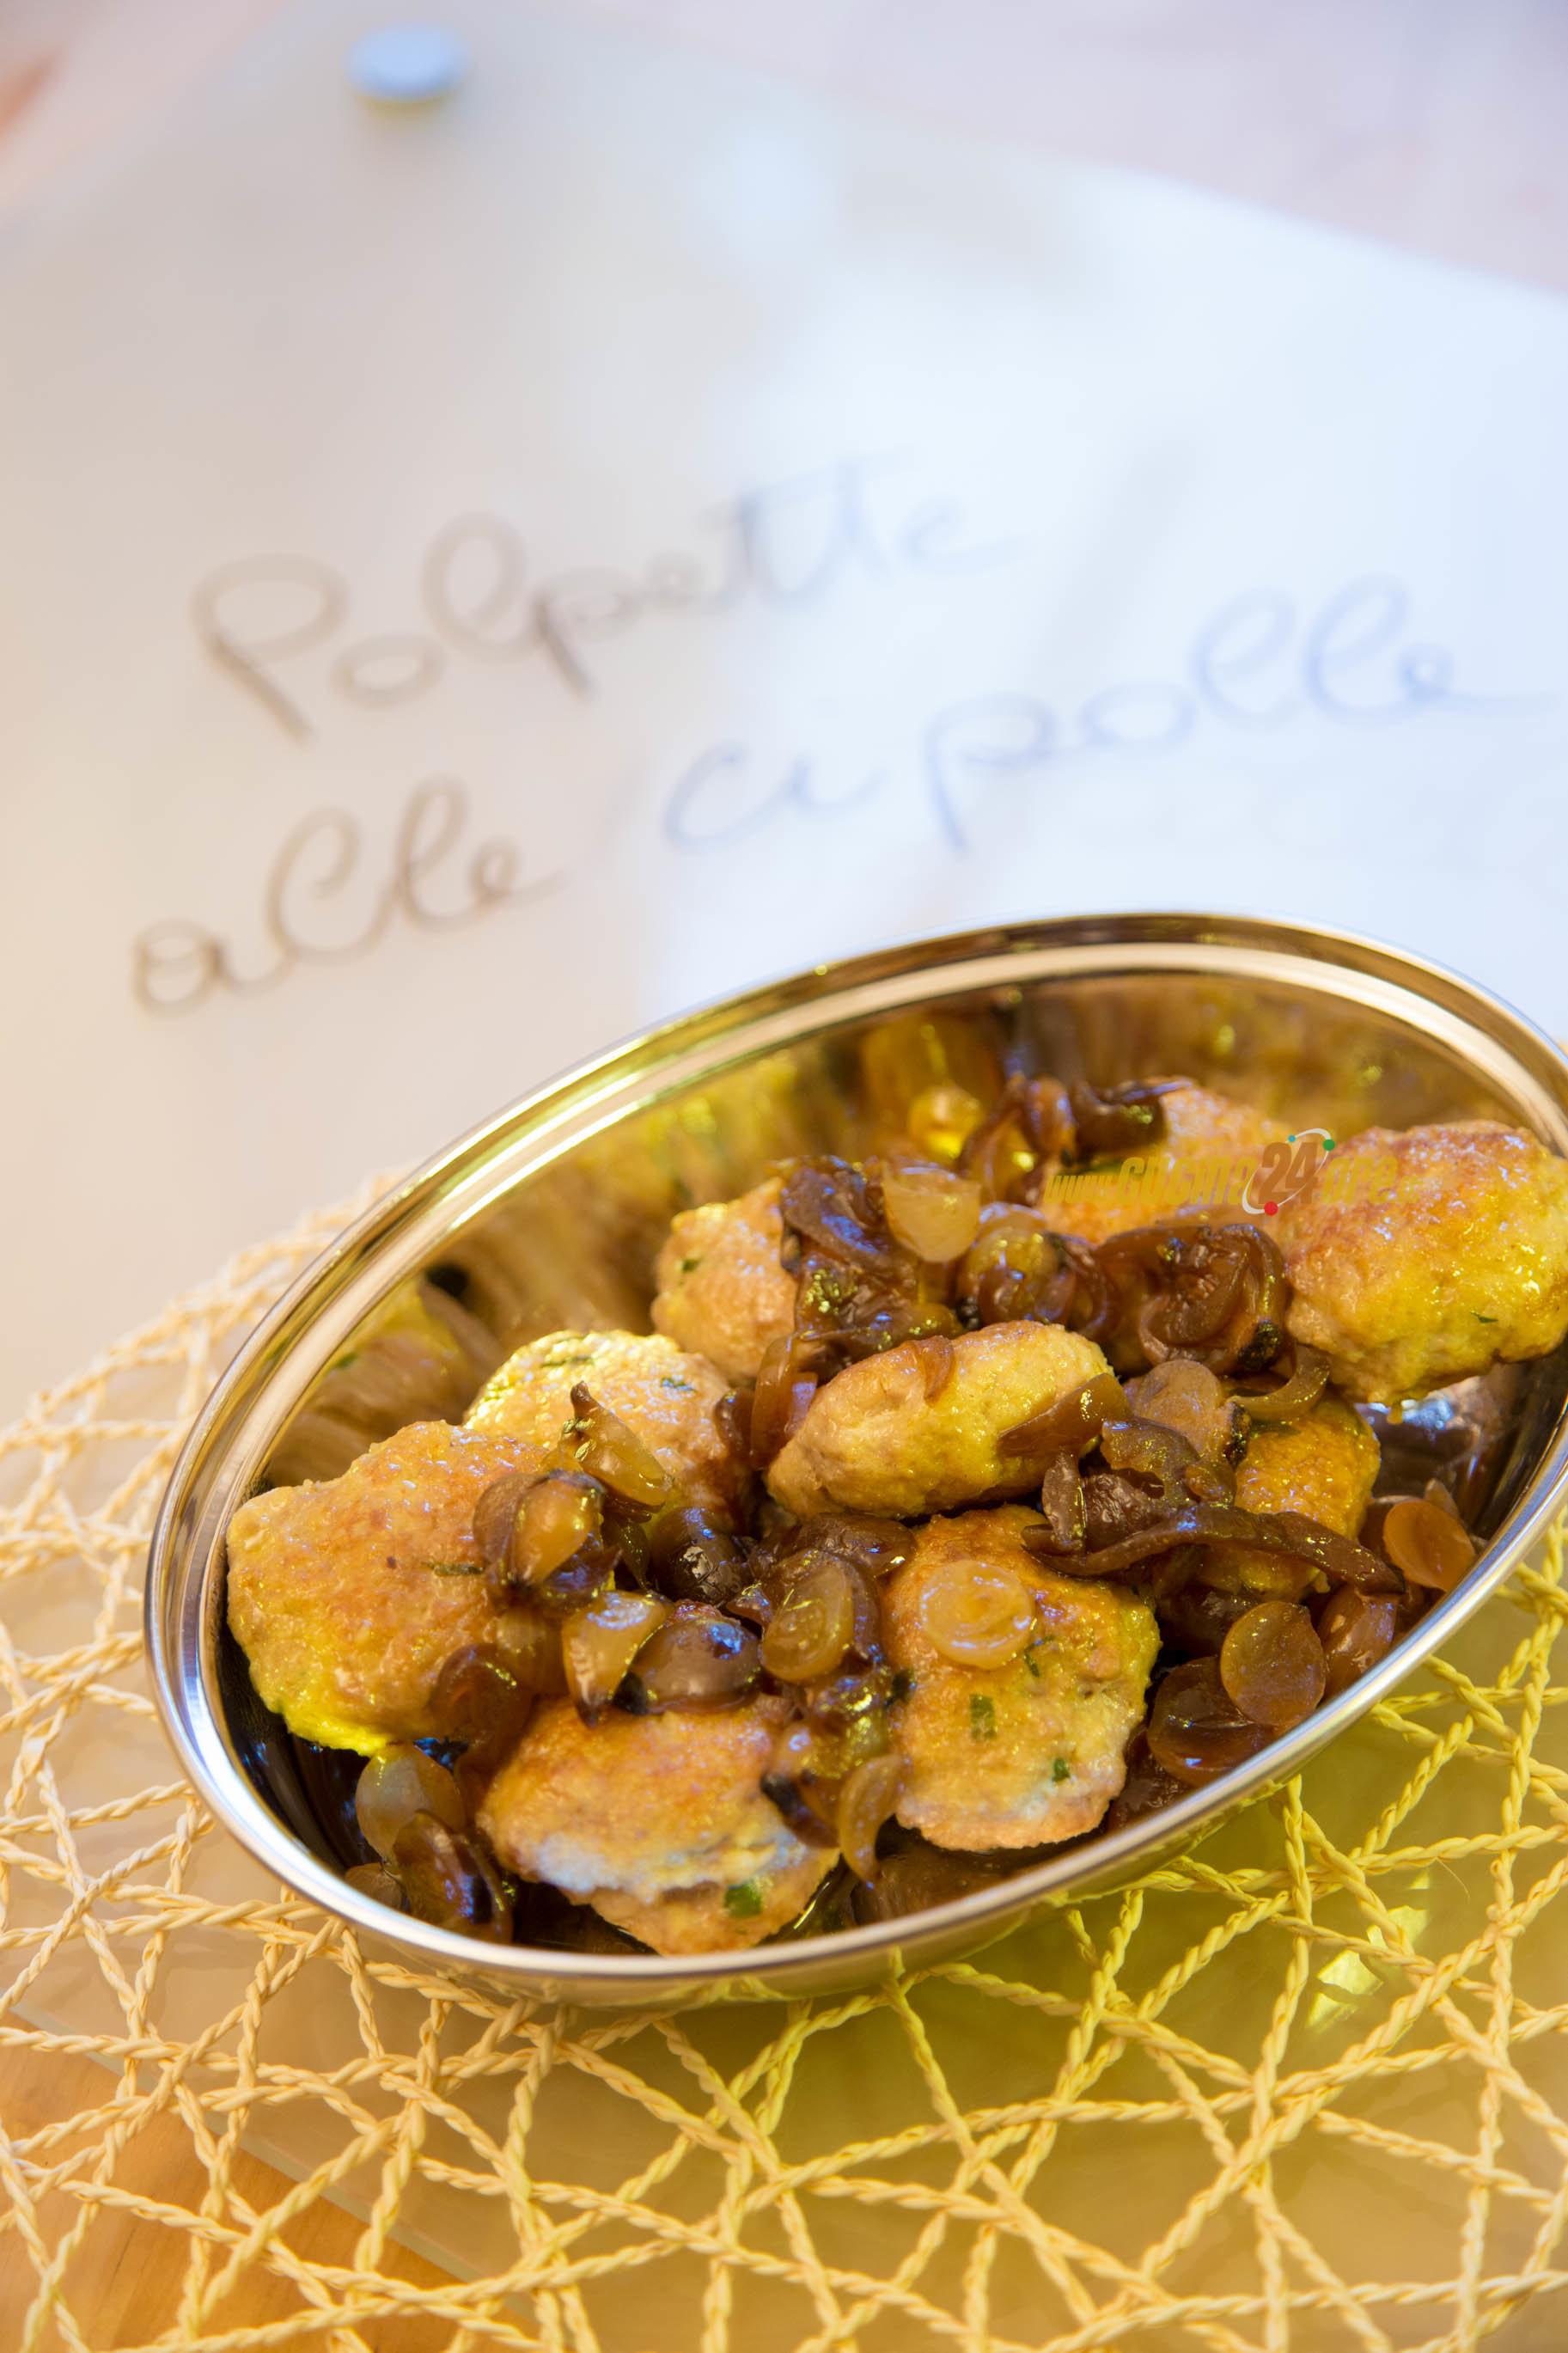 Cipolle che fare? Polpette con cipolle all'aceto balsamico. Già pronte o fatte in casa?